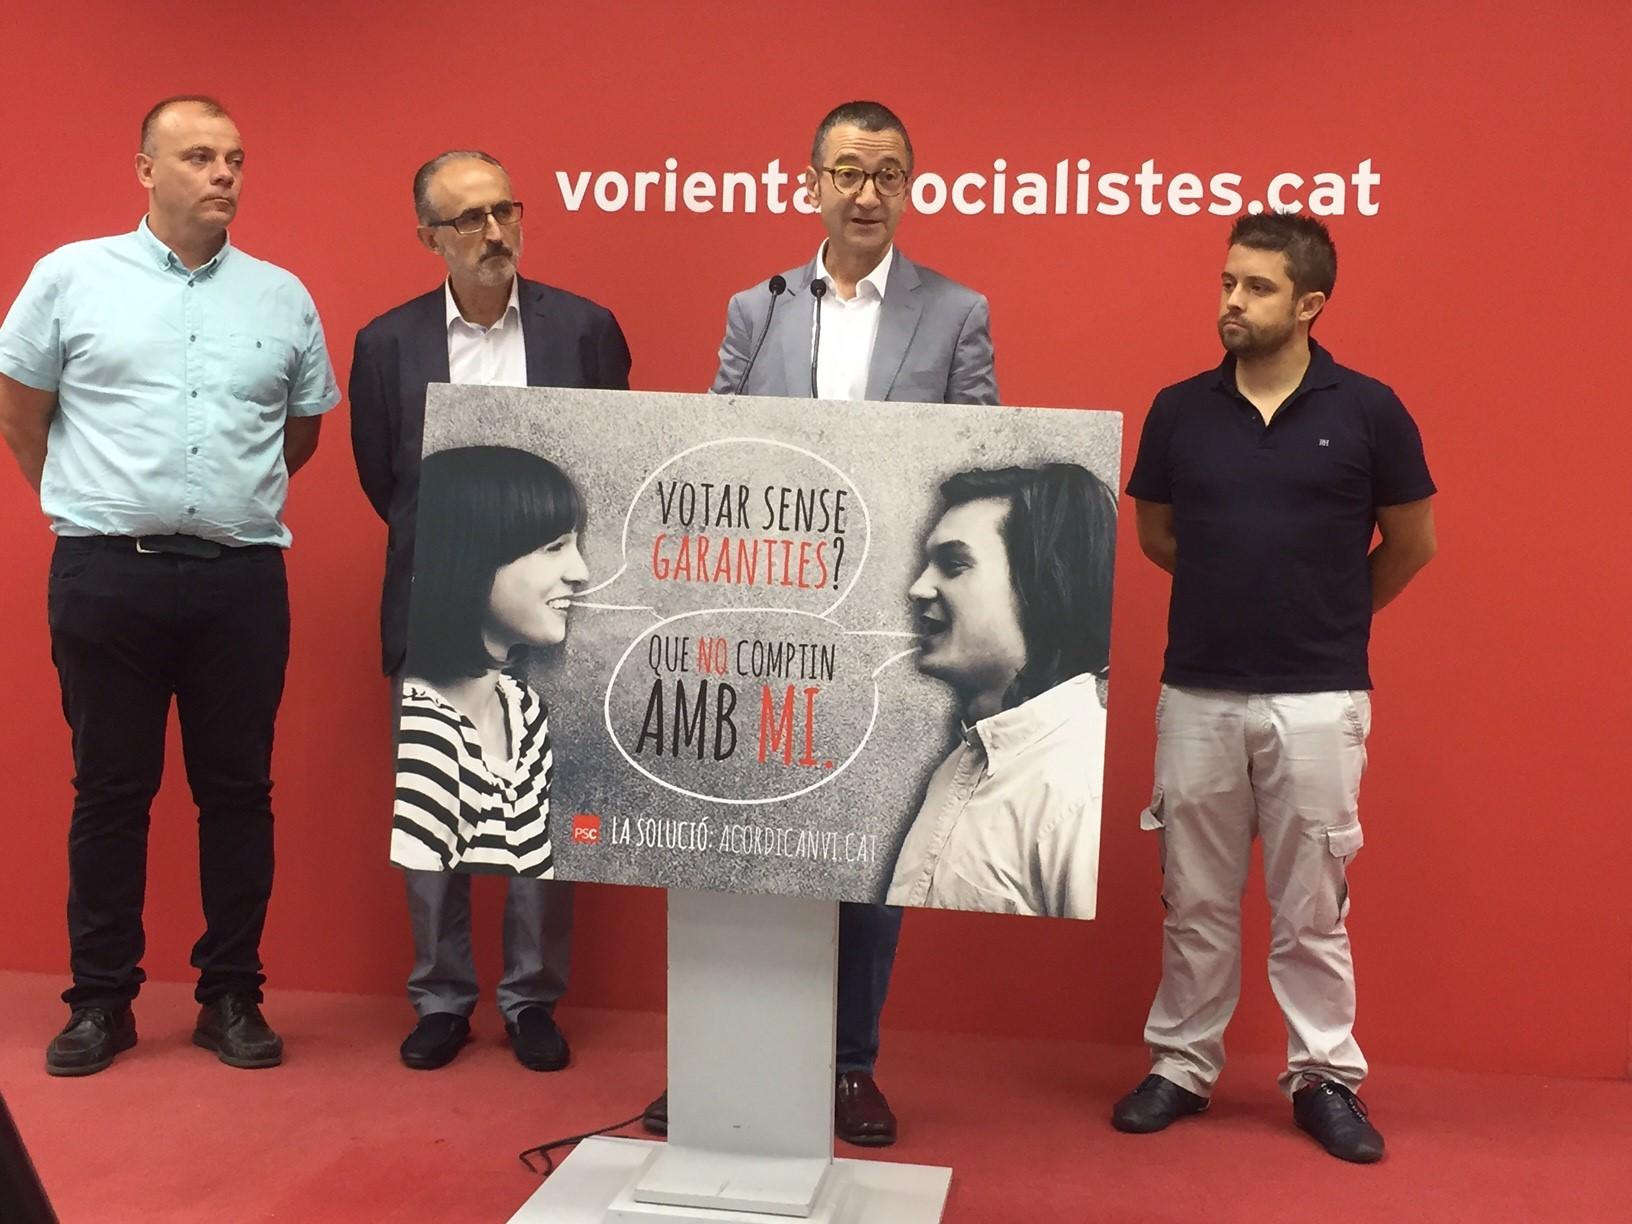 Jordi Terrades intervé en la presentació, amb els alcaldes Emilio Cordero i Josep Monràs a l'esquerra, i el primer secretari comarcal, Jonatan Martínez, a la dreta